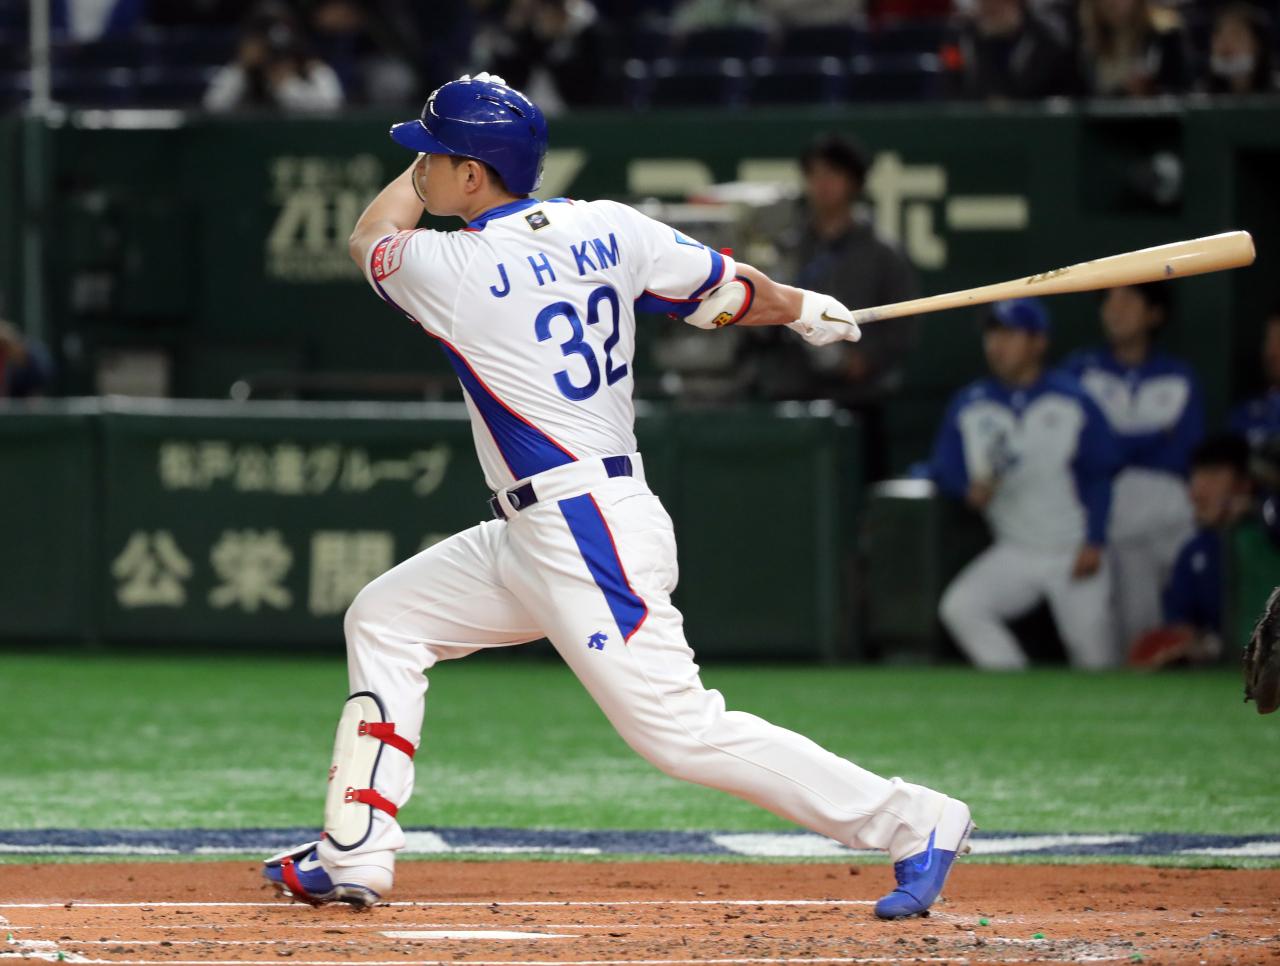 Designated hitter Kim Jae-hwan (Yonhap)